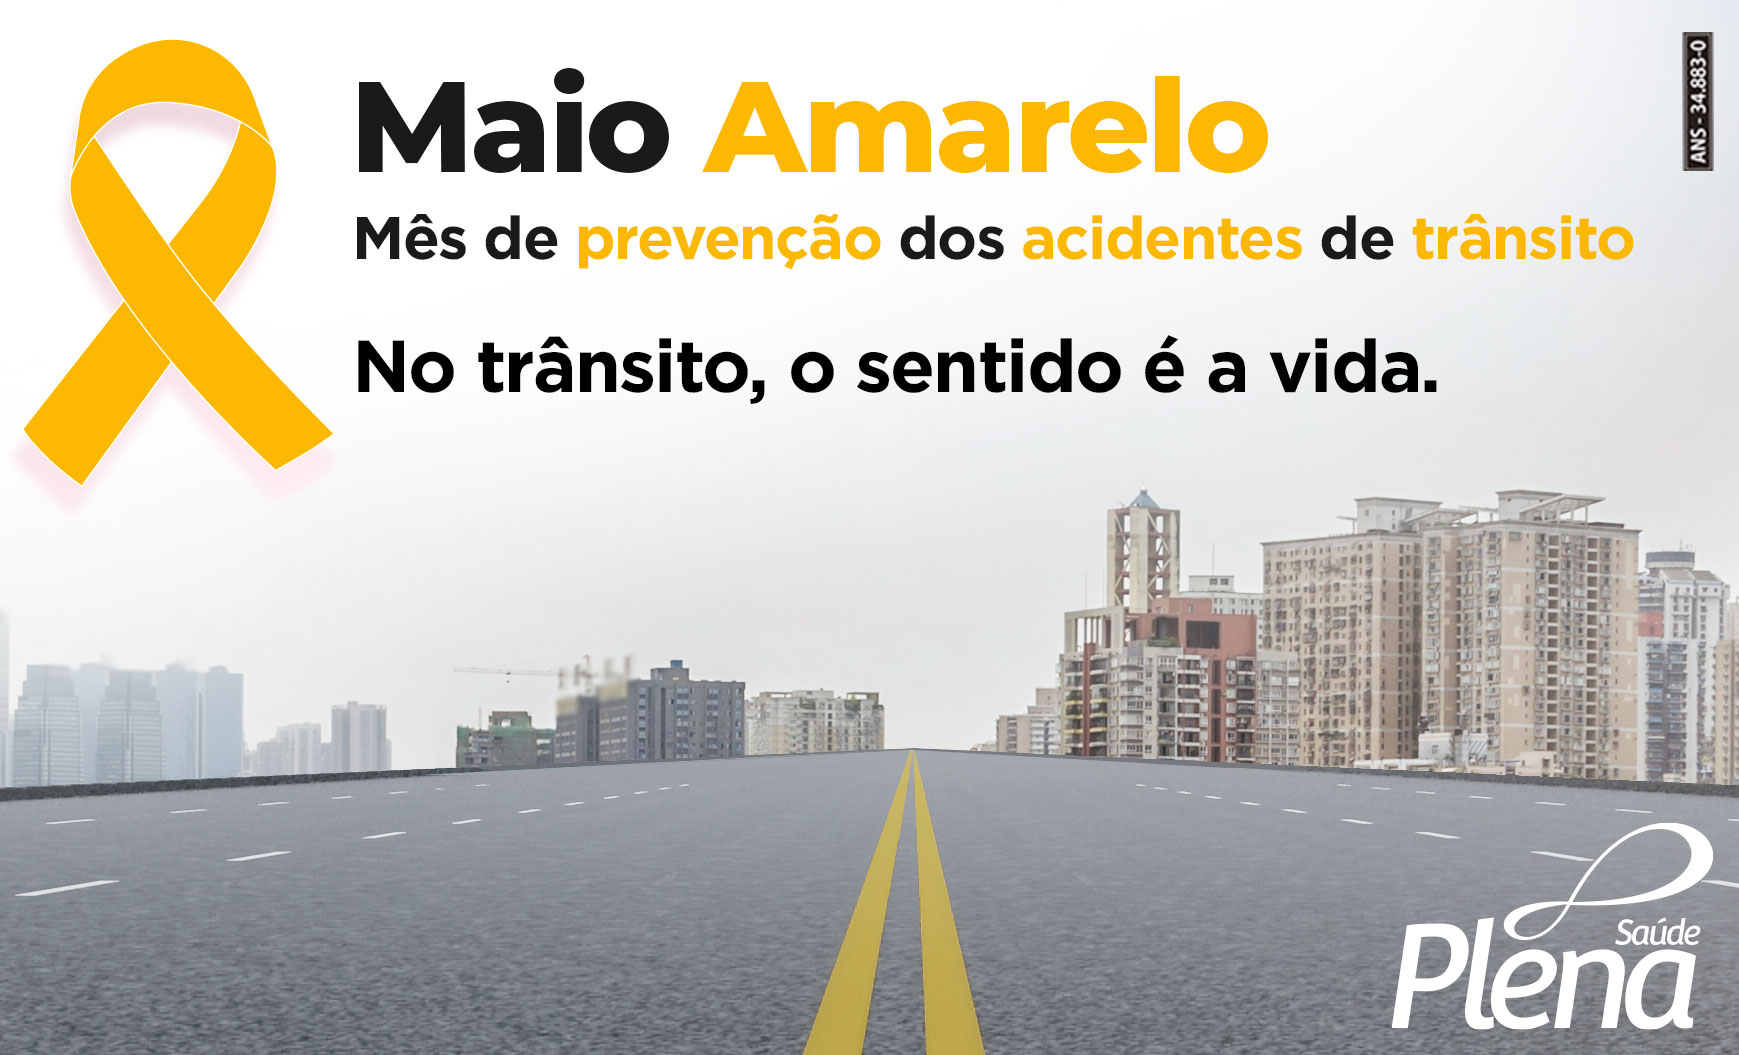 Maio Amarelo – Mês de prevenção dos acidentes de trânsito.